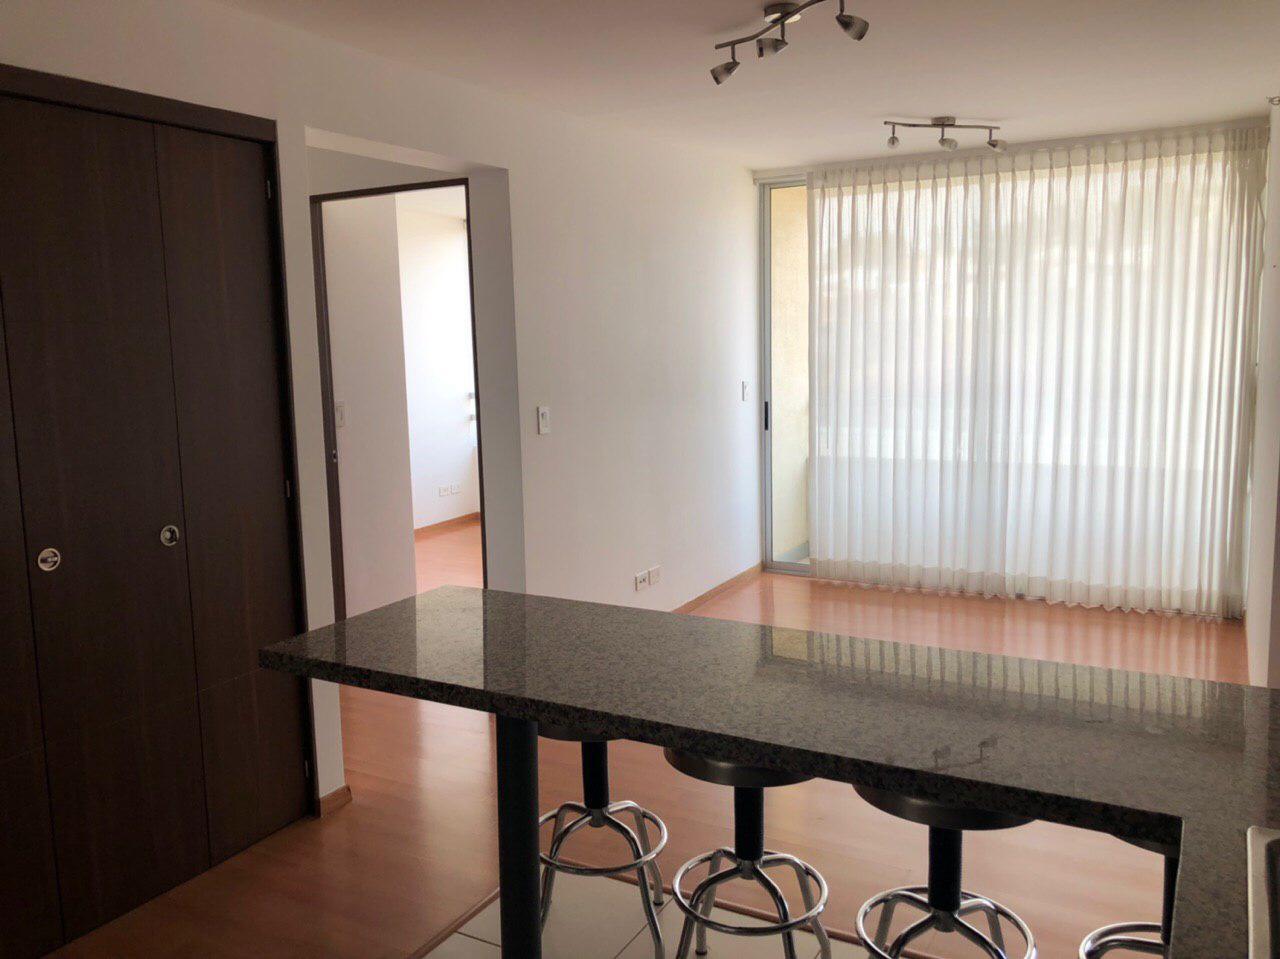 Venta de apartamento, Heredia Centro, 64 m2, $135.000=